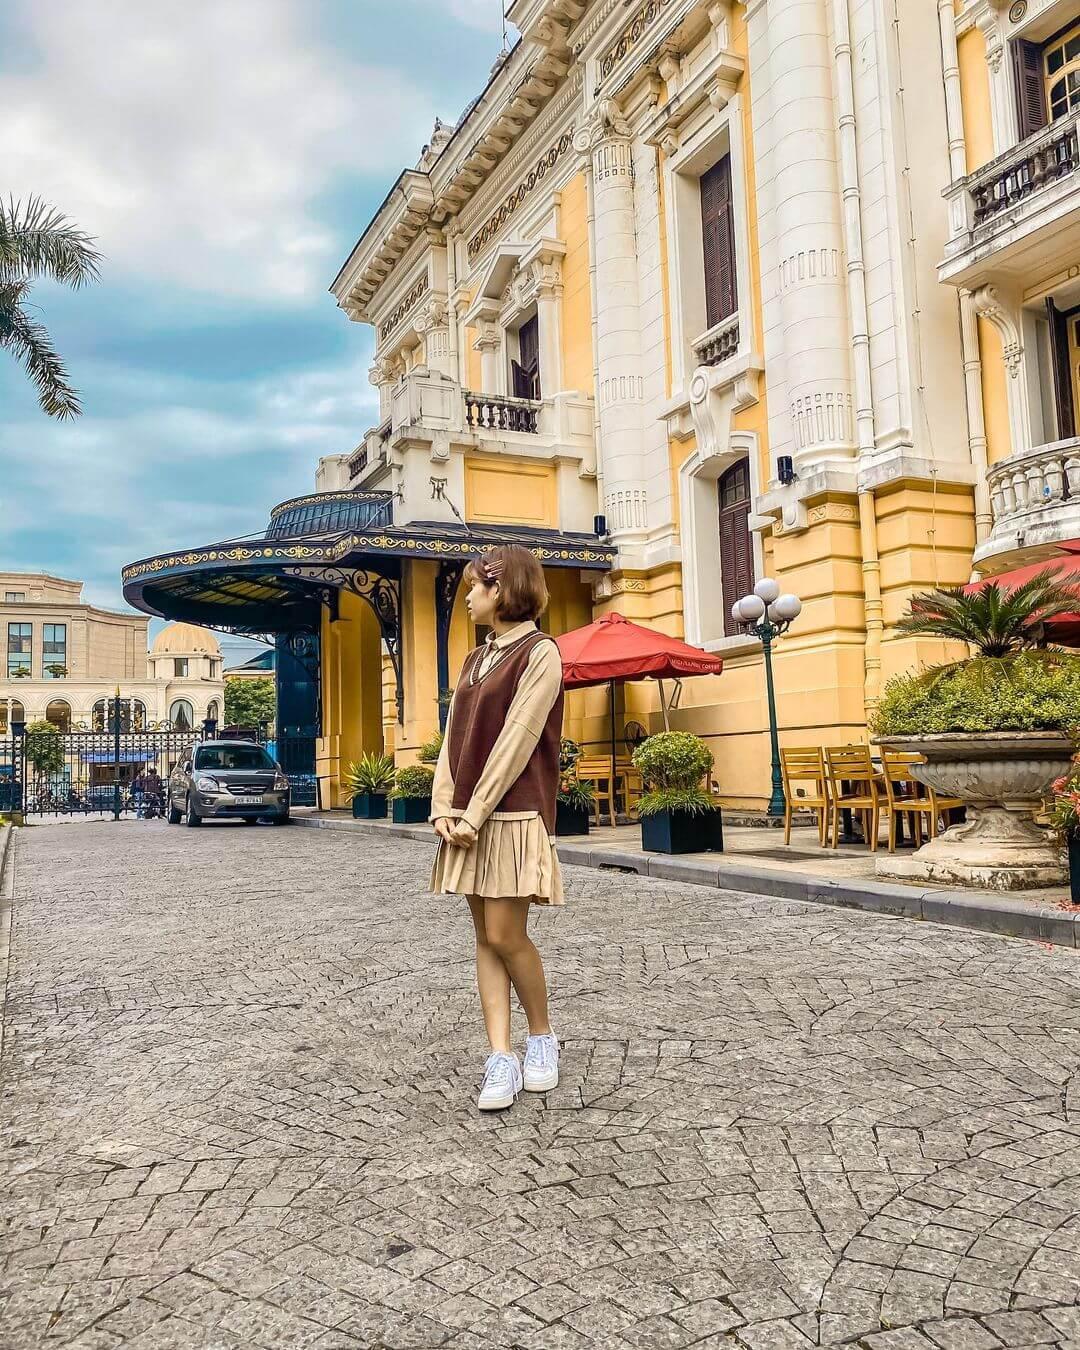 Kiến trúc châu Âu nhà hát Lớn Hà Nội